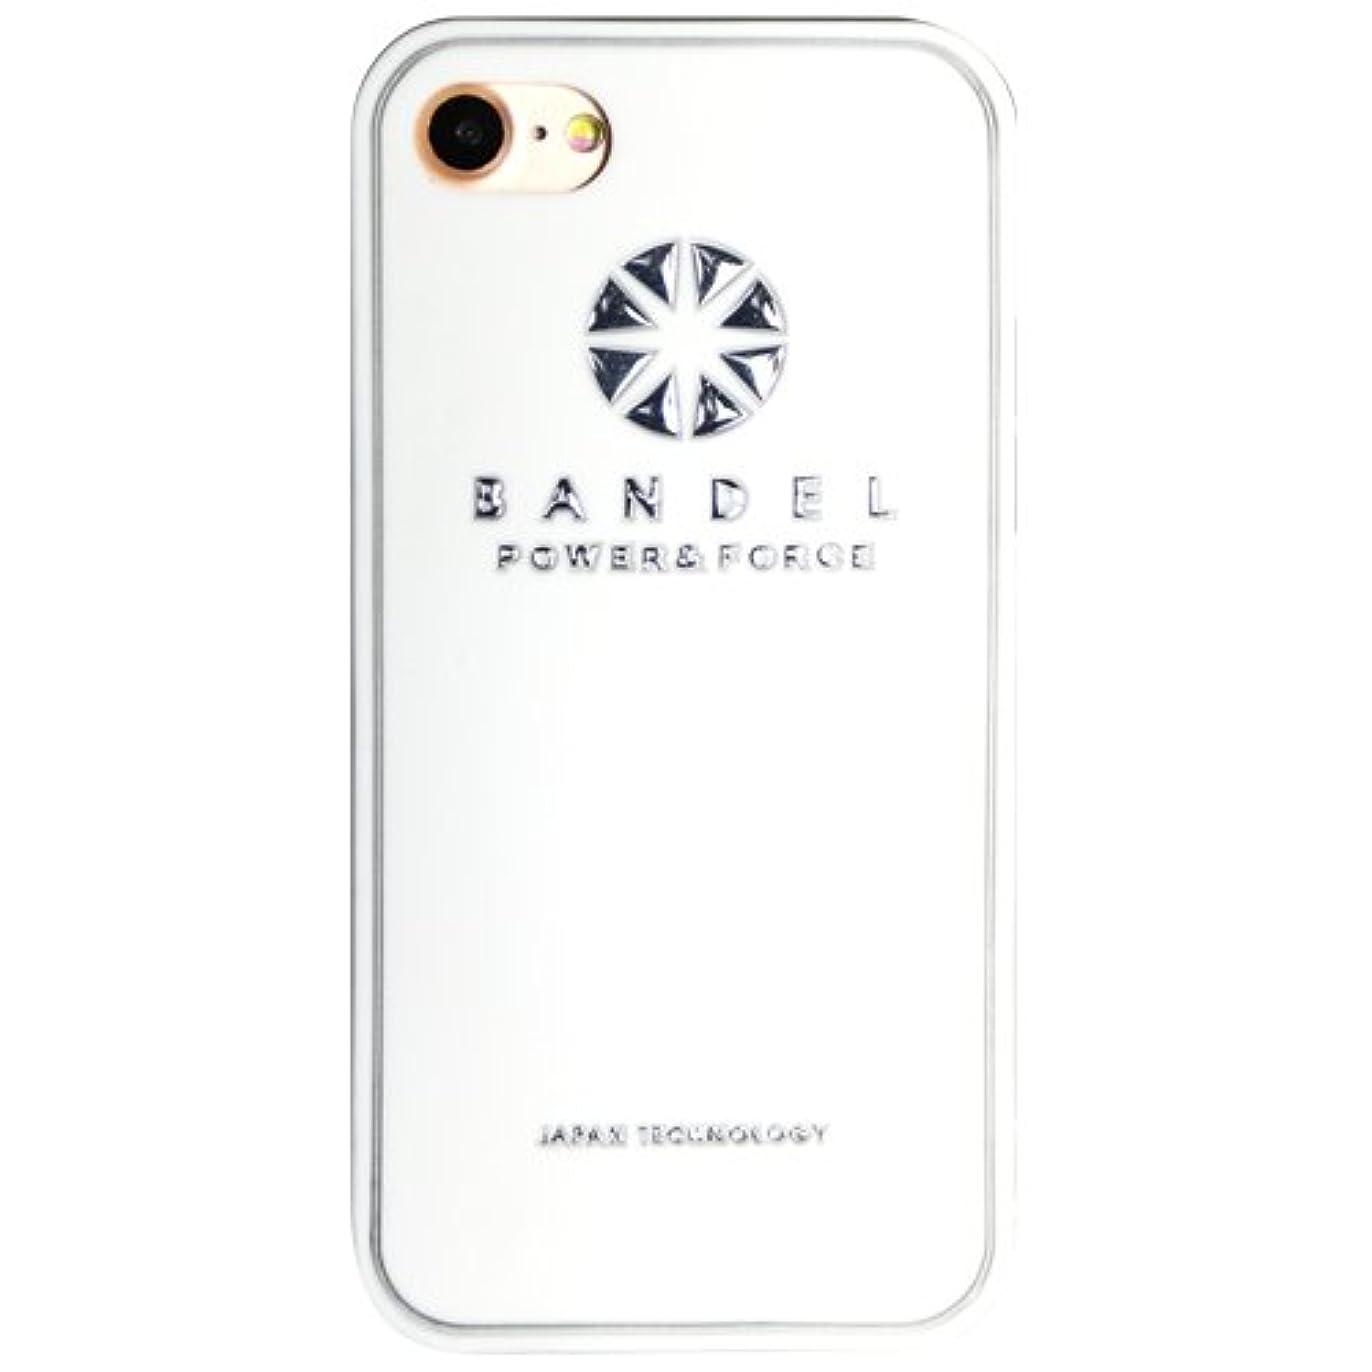 恐れ柔らかい足清めるバンデル(BANDEL) ロゴ iPhone 8専用 シリコンケース [ホワイト×シルバー]